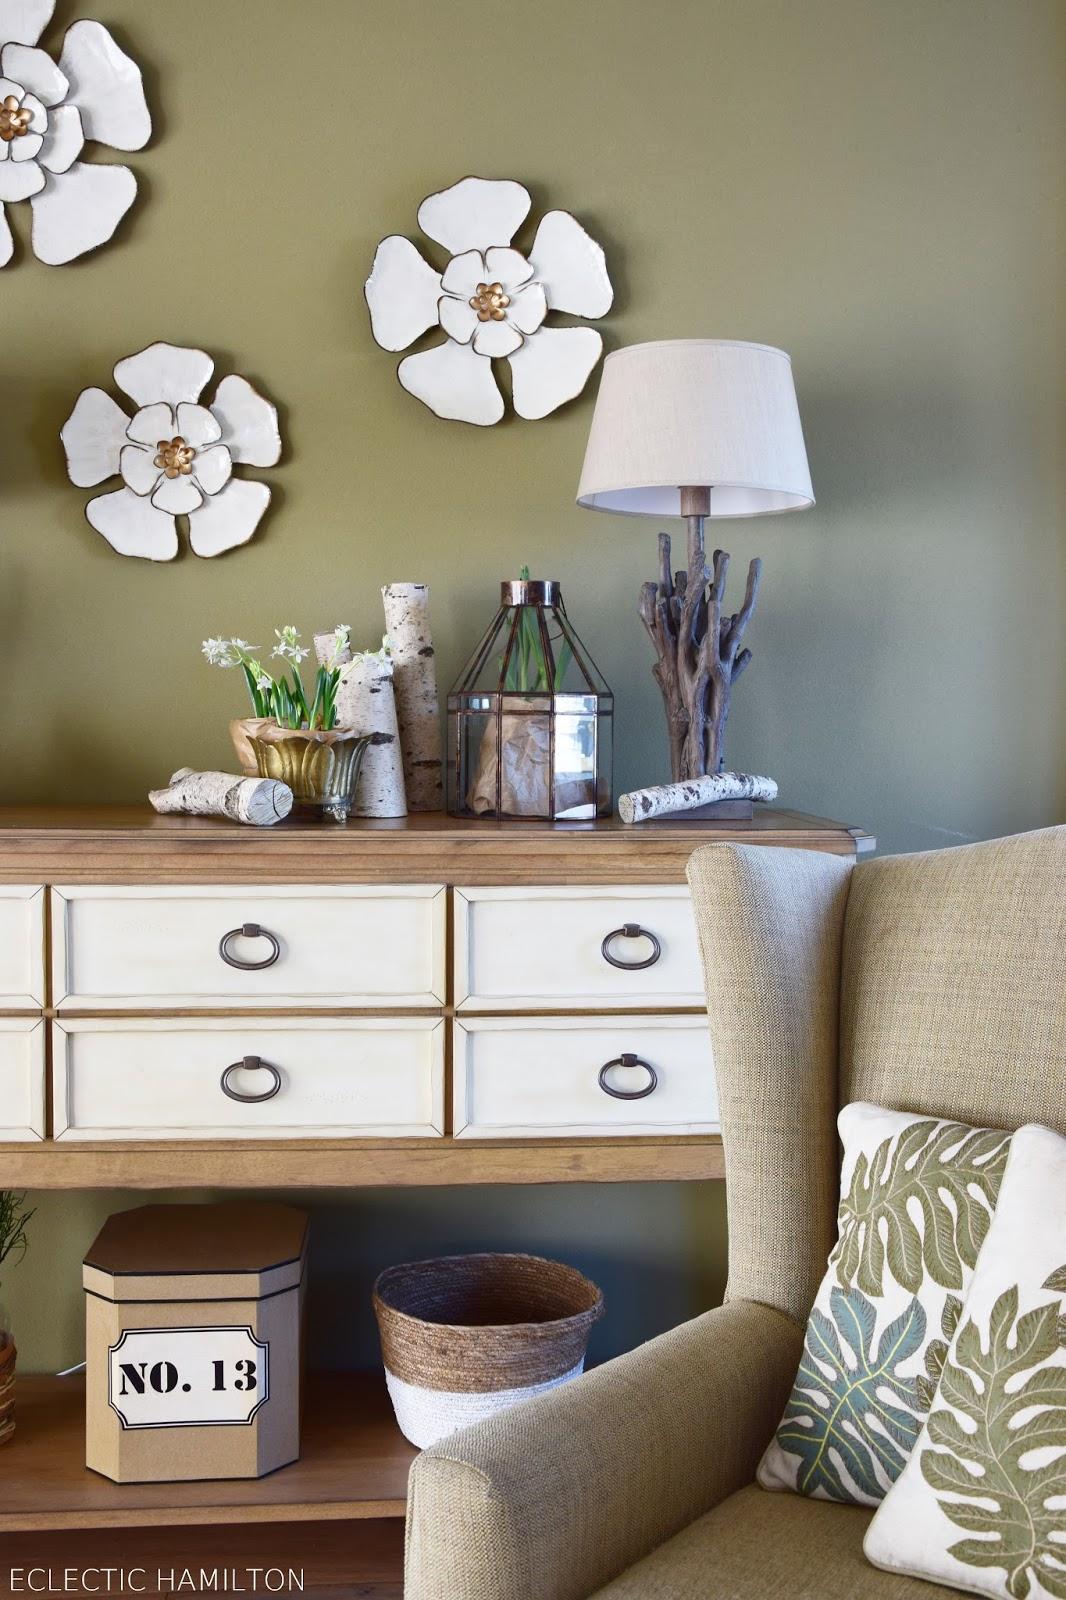 Frühlingsdeko fürs Zuhause, Dekoidee Frühling: Blüten aus Metall für die Wand und frische Frühjahrbsblüher für das Sideboar. Deko Dekoration dekorieren frühligshaft mit Birke